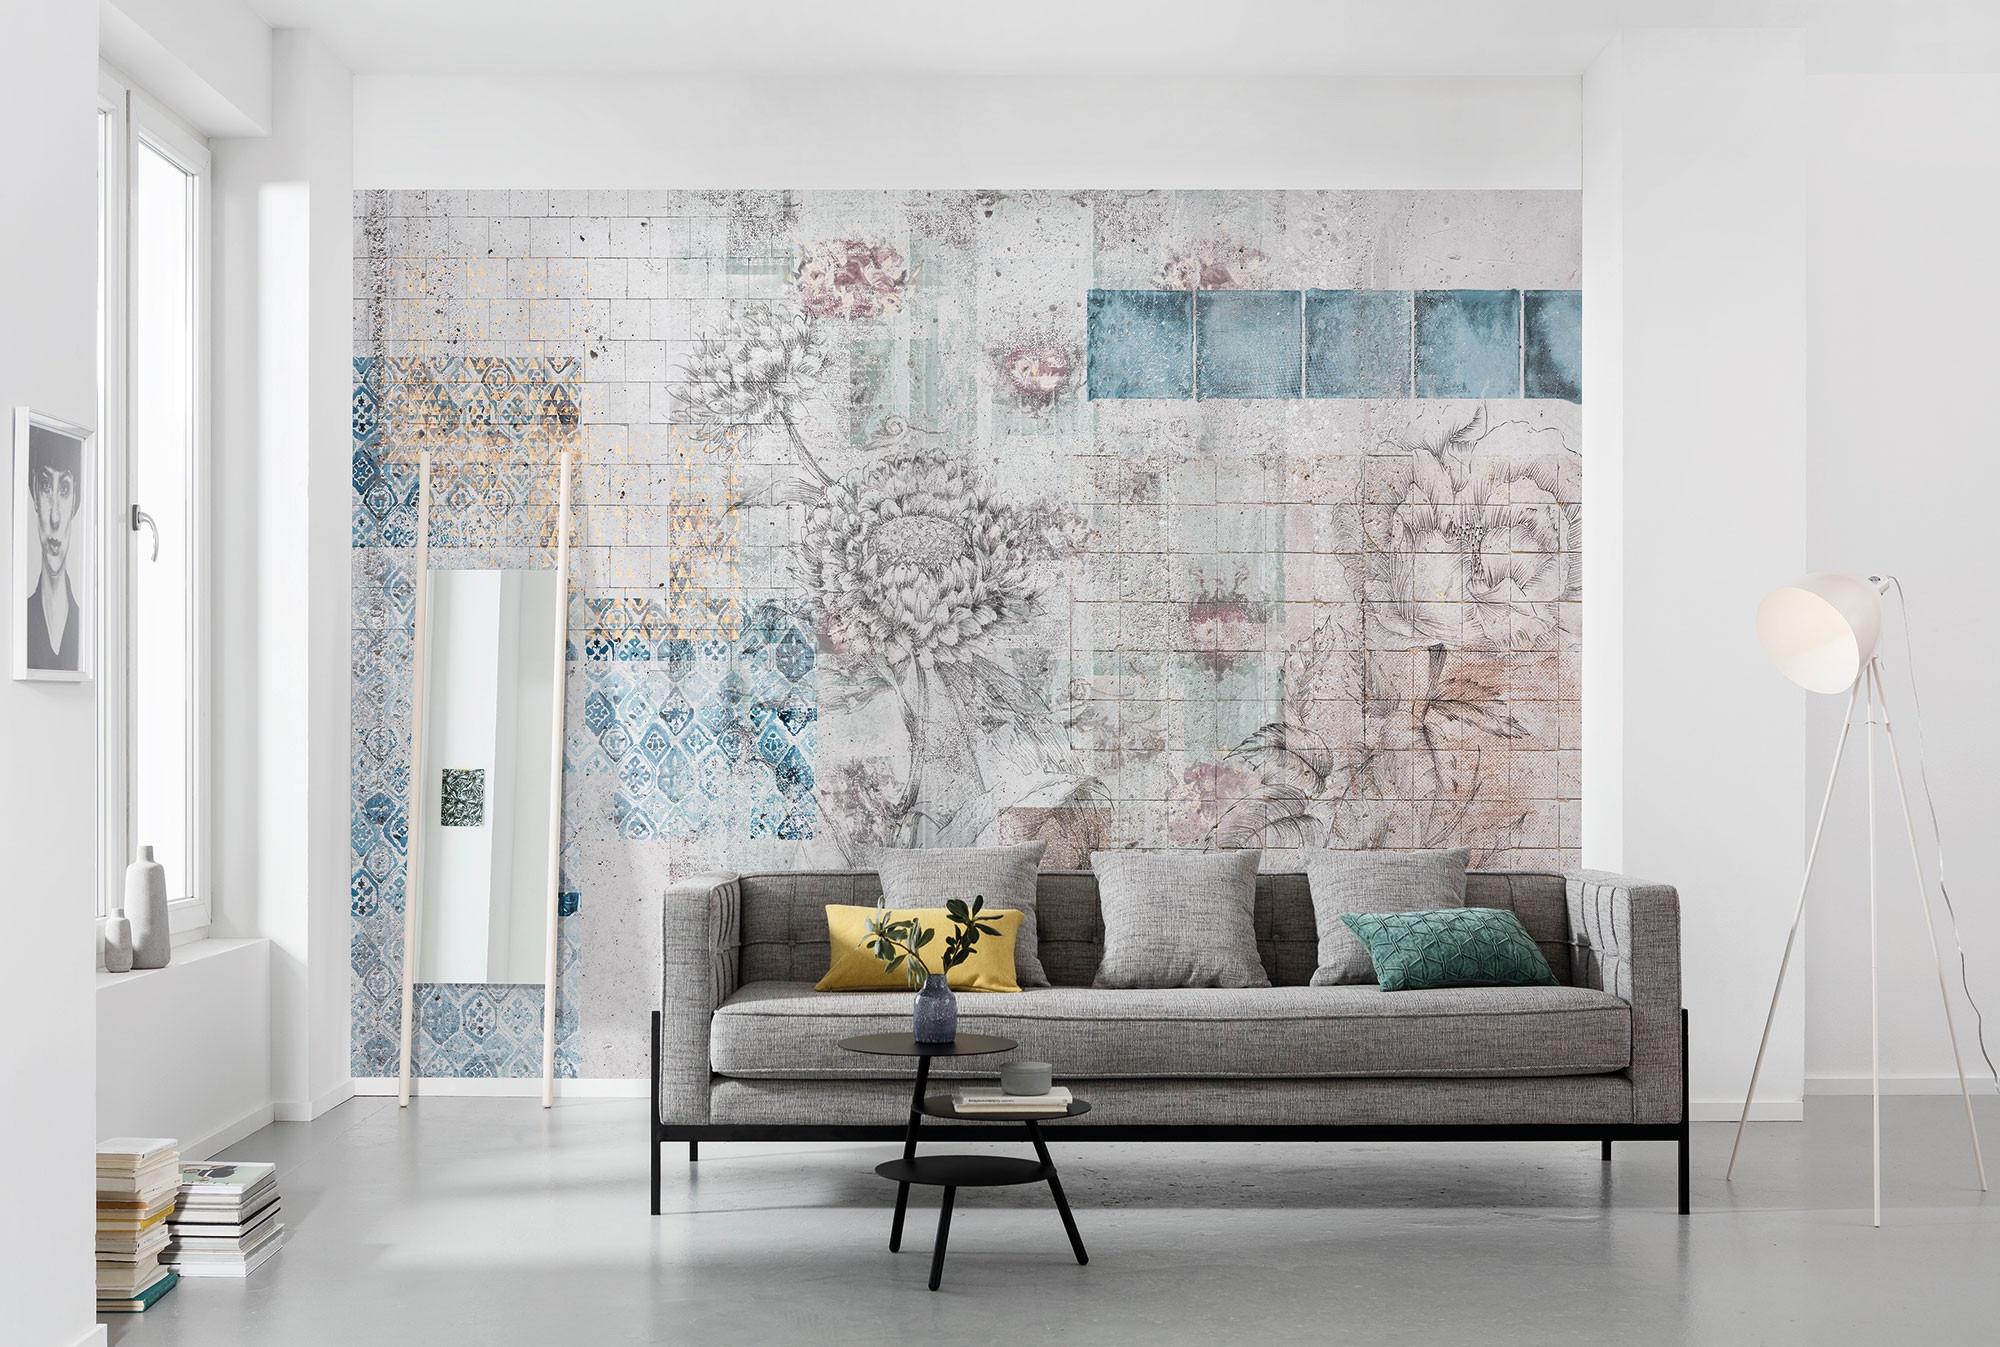 Fototapete Grau Wei : Elegant fototapete grau weiß zusammen mit oder in verbindung